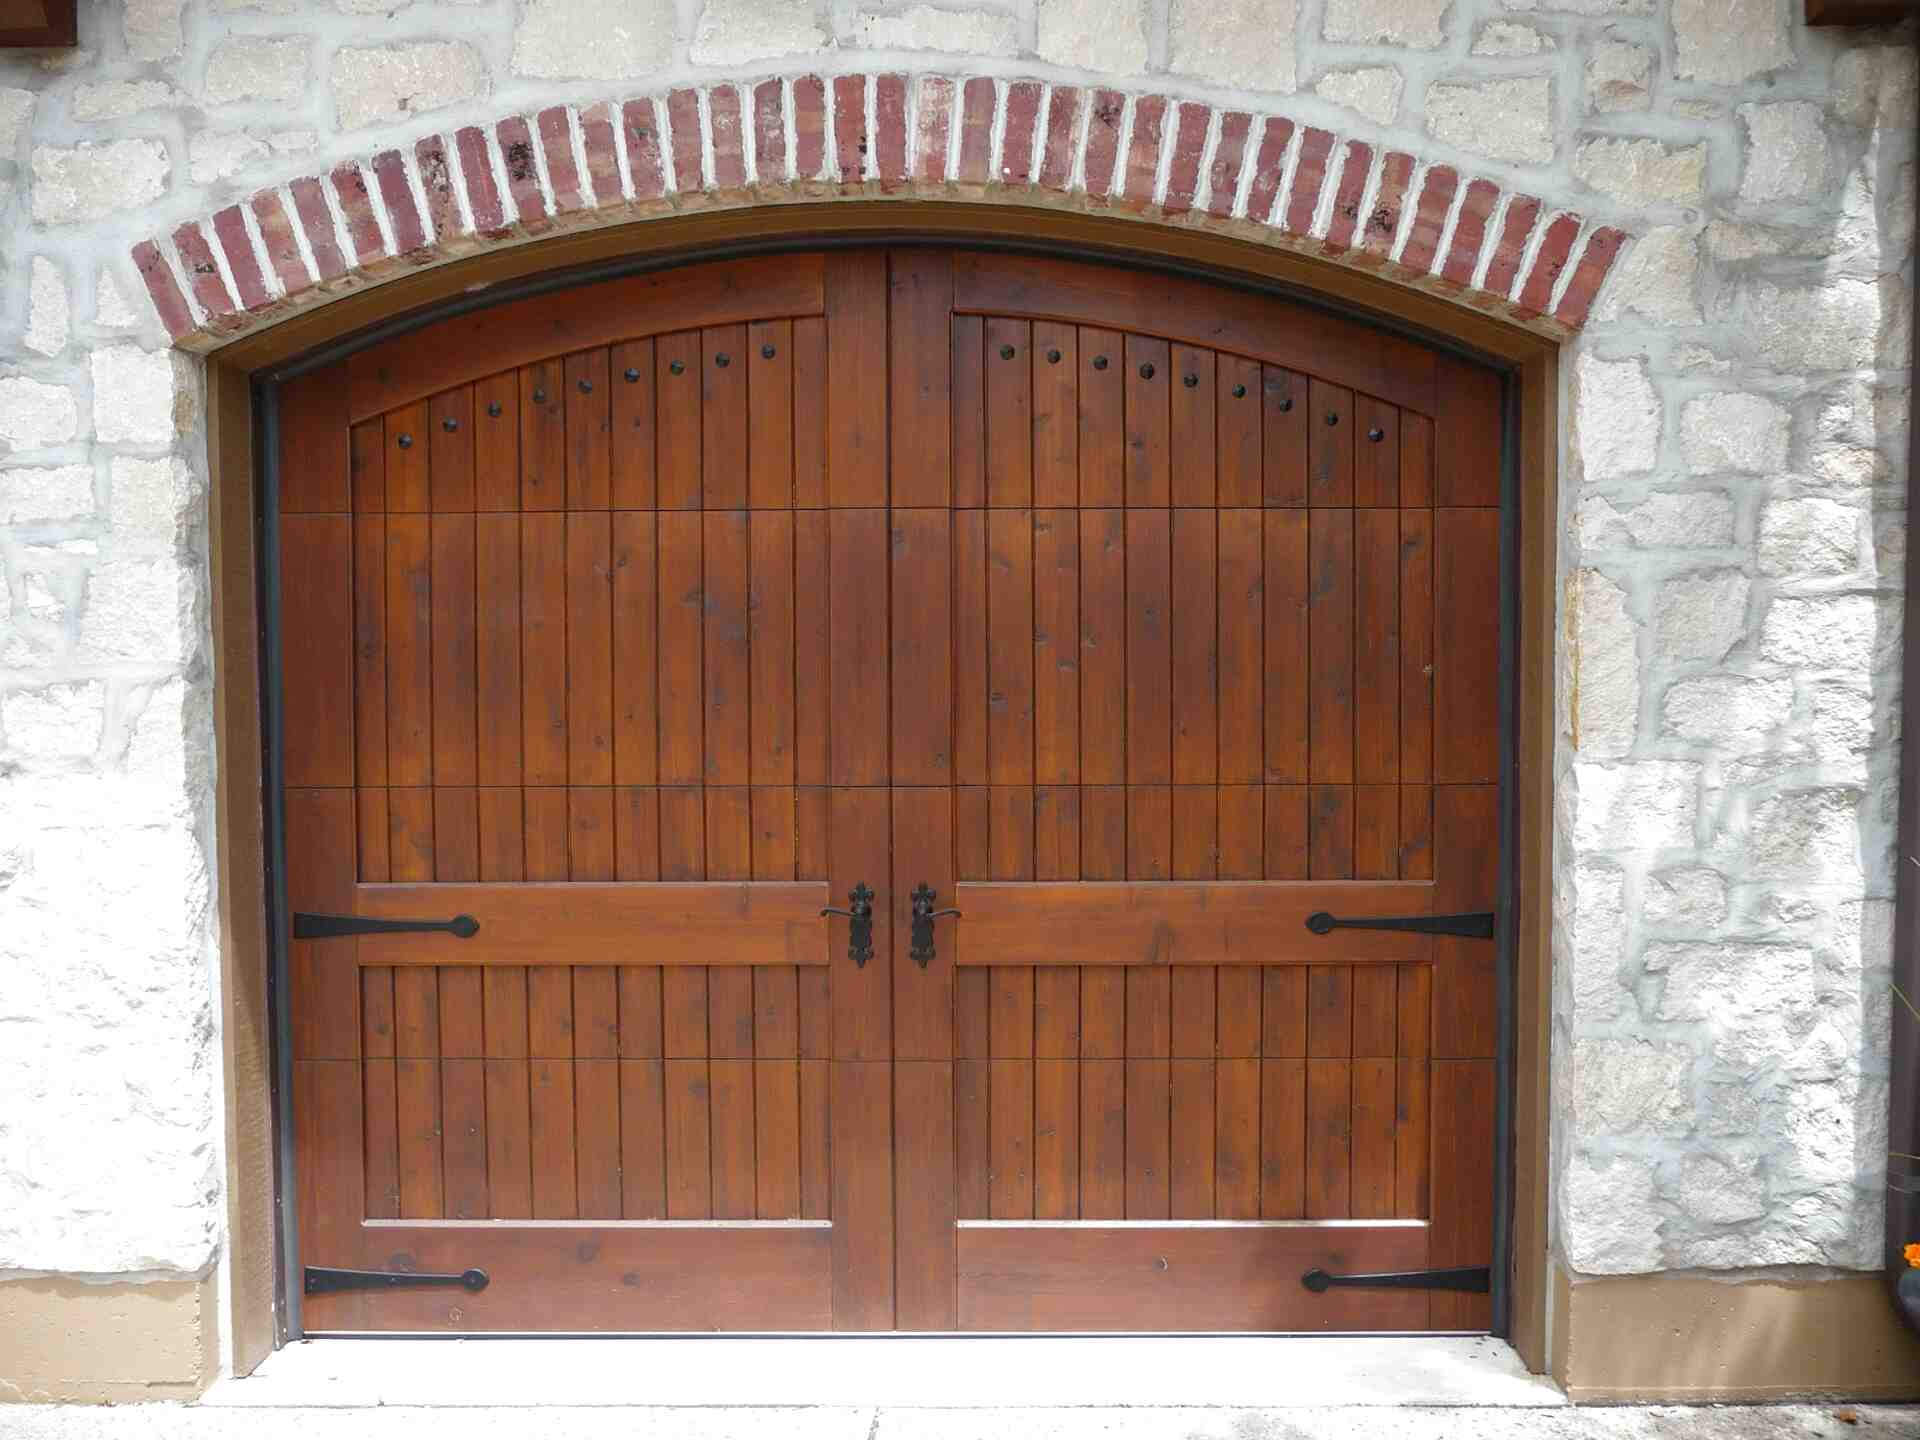 Wooden Garage Doors for sale in UK | View 40 bargains